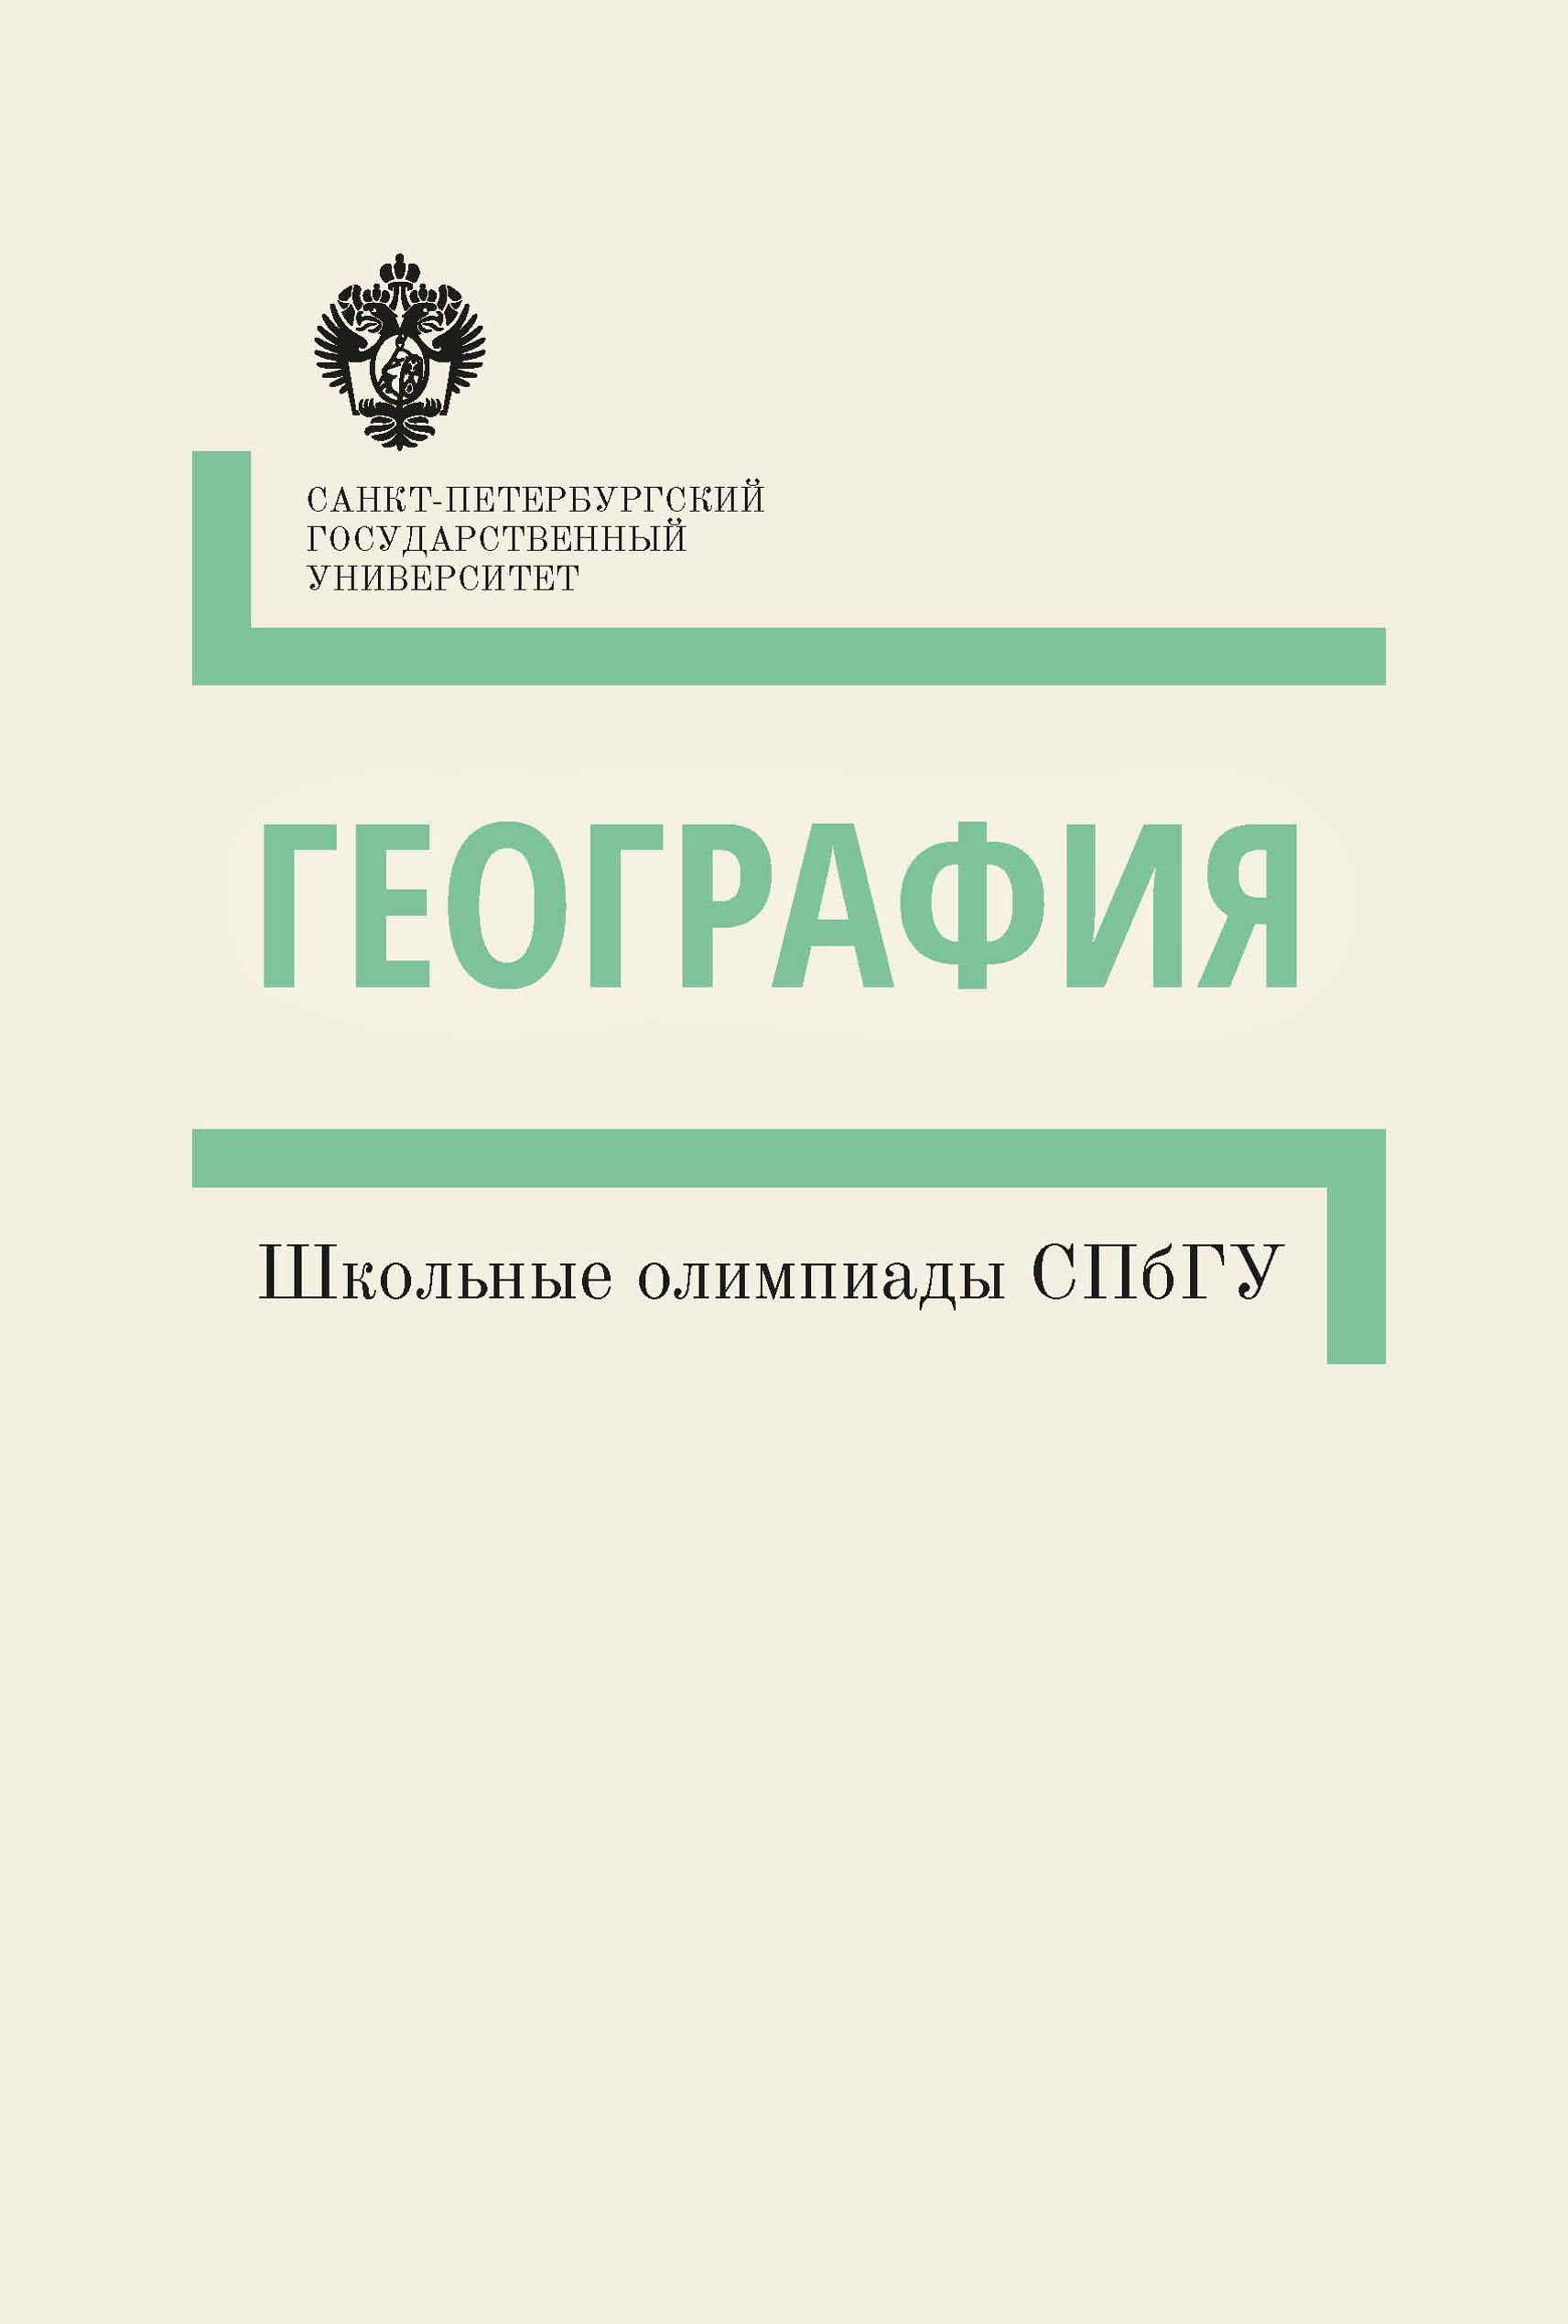 География. Школьные олимпиады СПбГУ. Методические указания